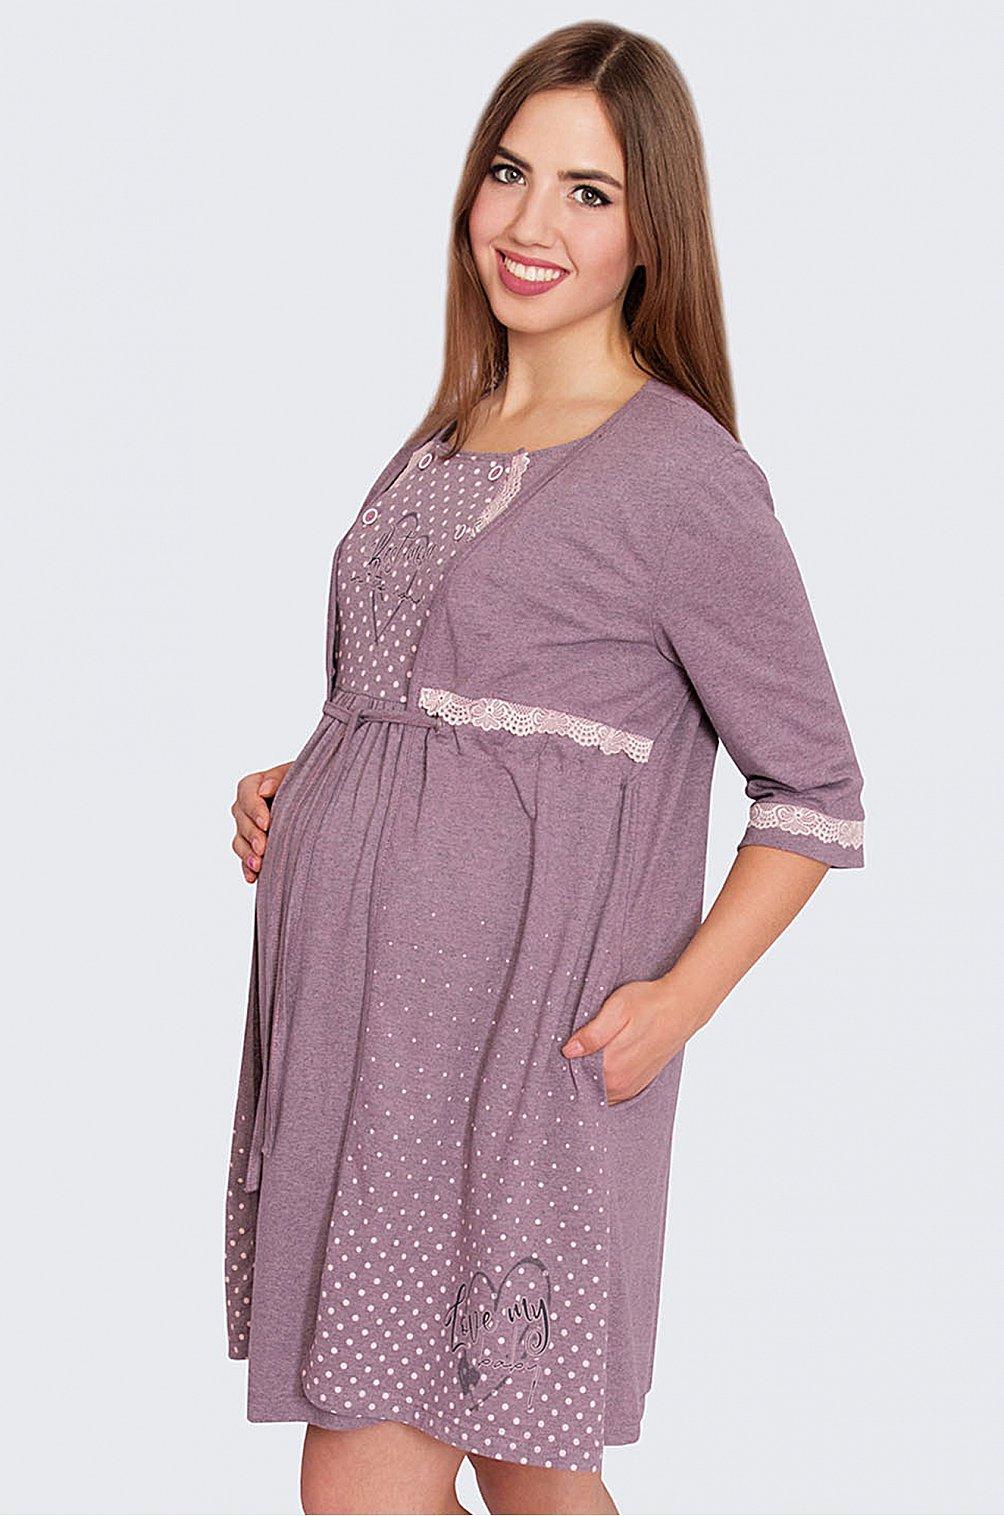 Одежда Для Беременных Ярославль Магазины